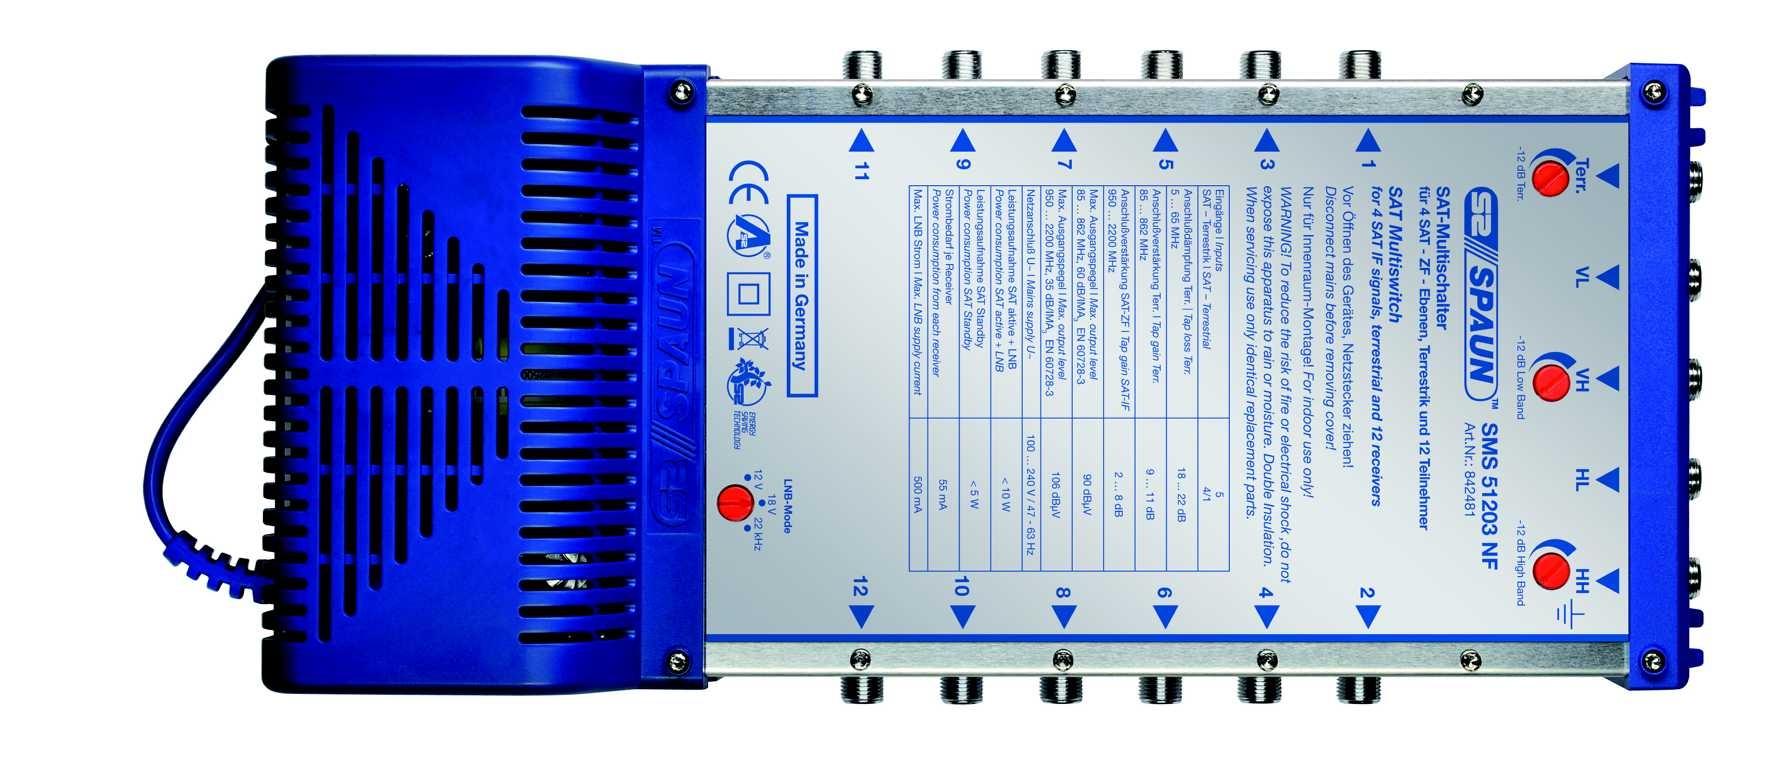 Spaun SMS 51203 NF - Multischalter 5 / 12